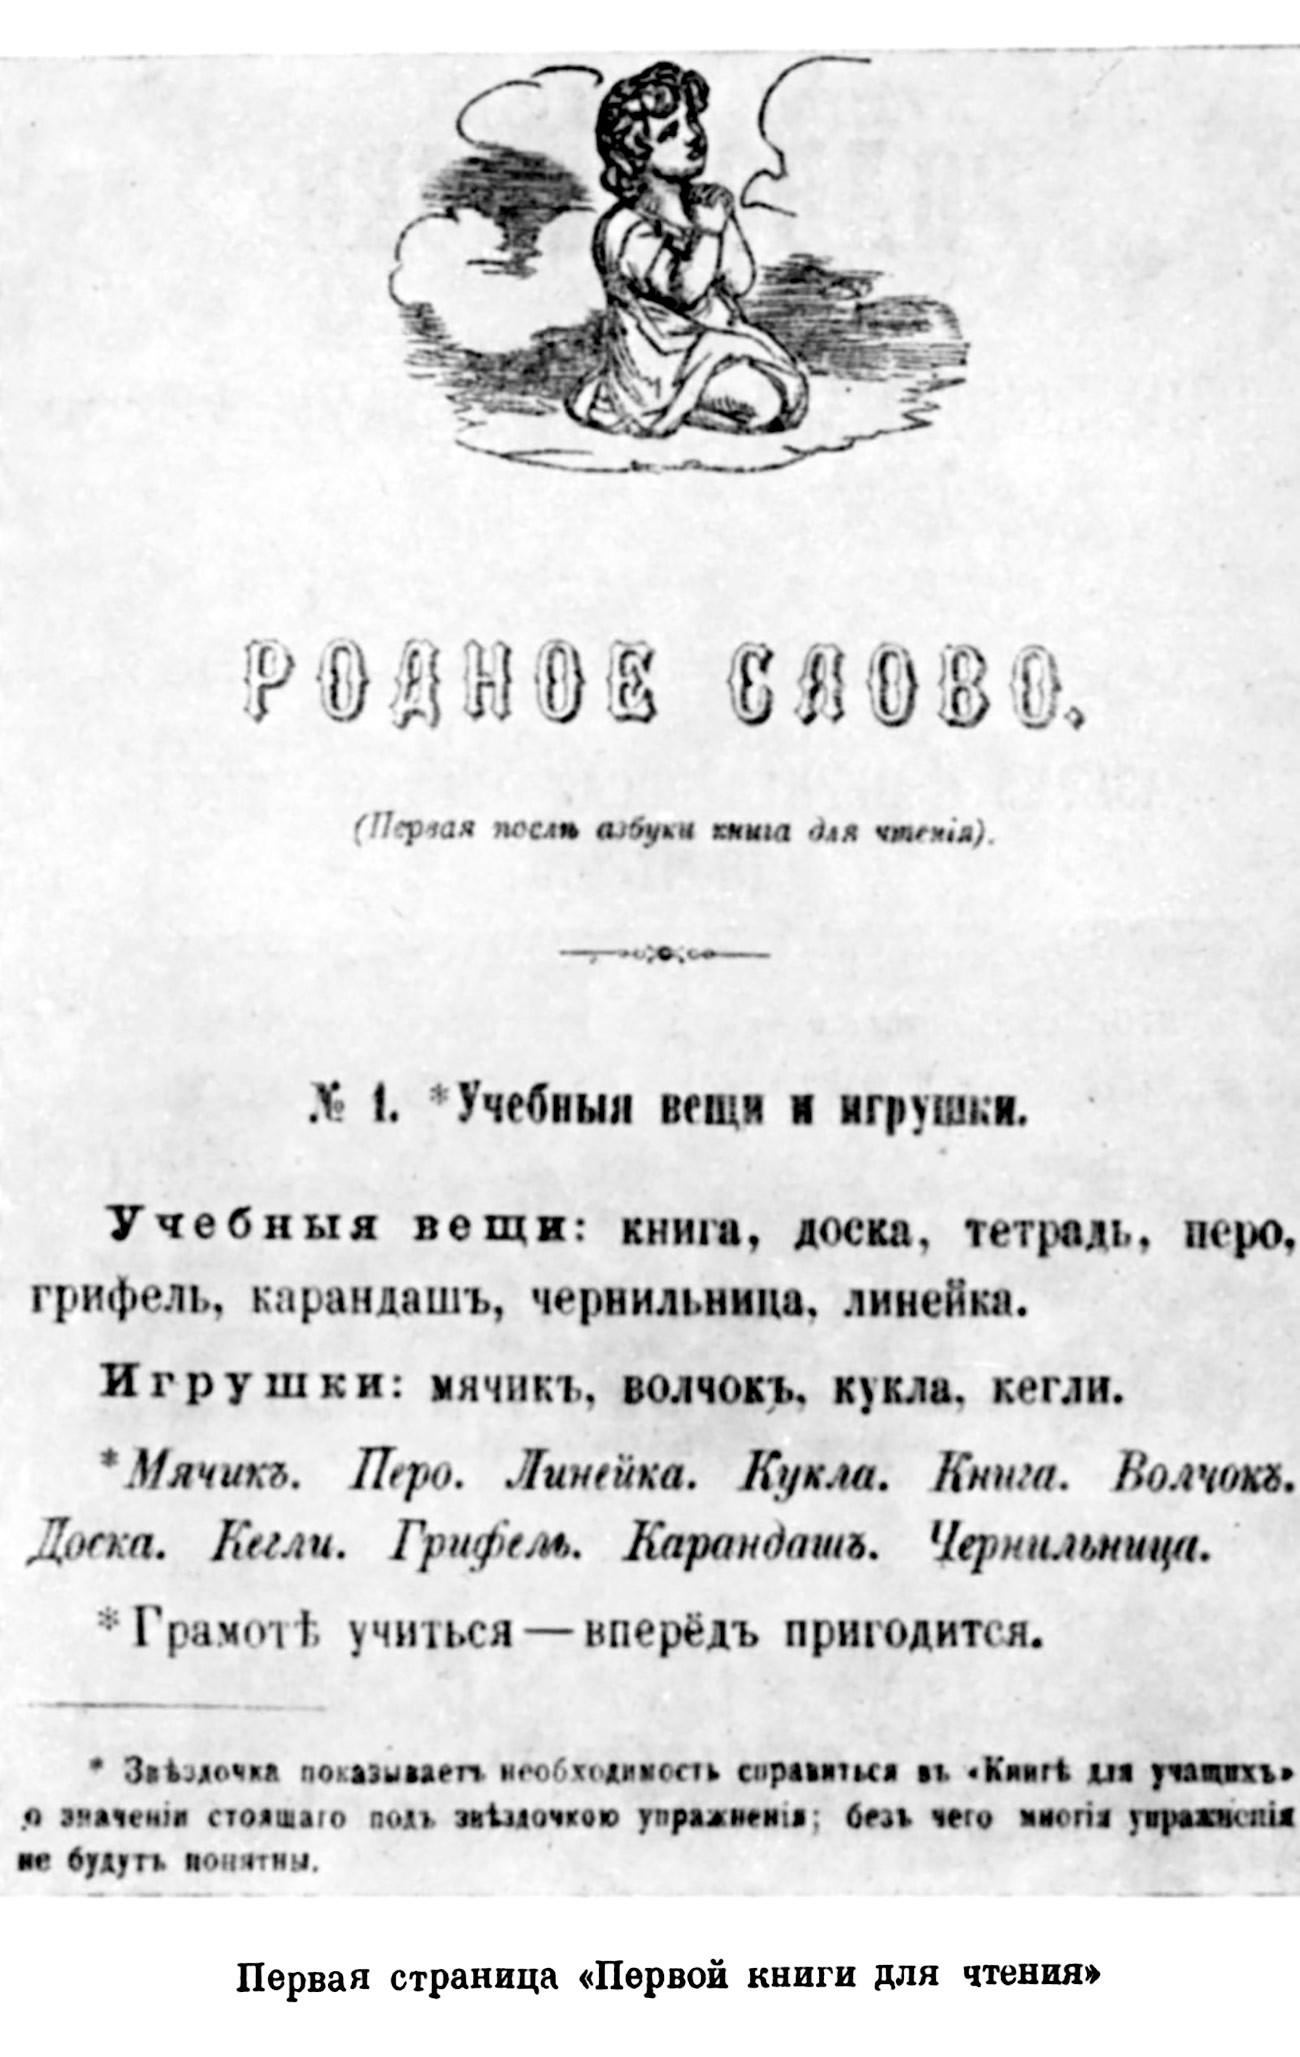 コンスタンティン・ウシンスキーによる初等読本